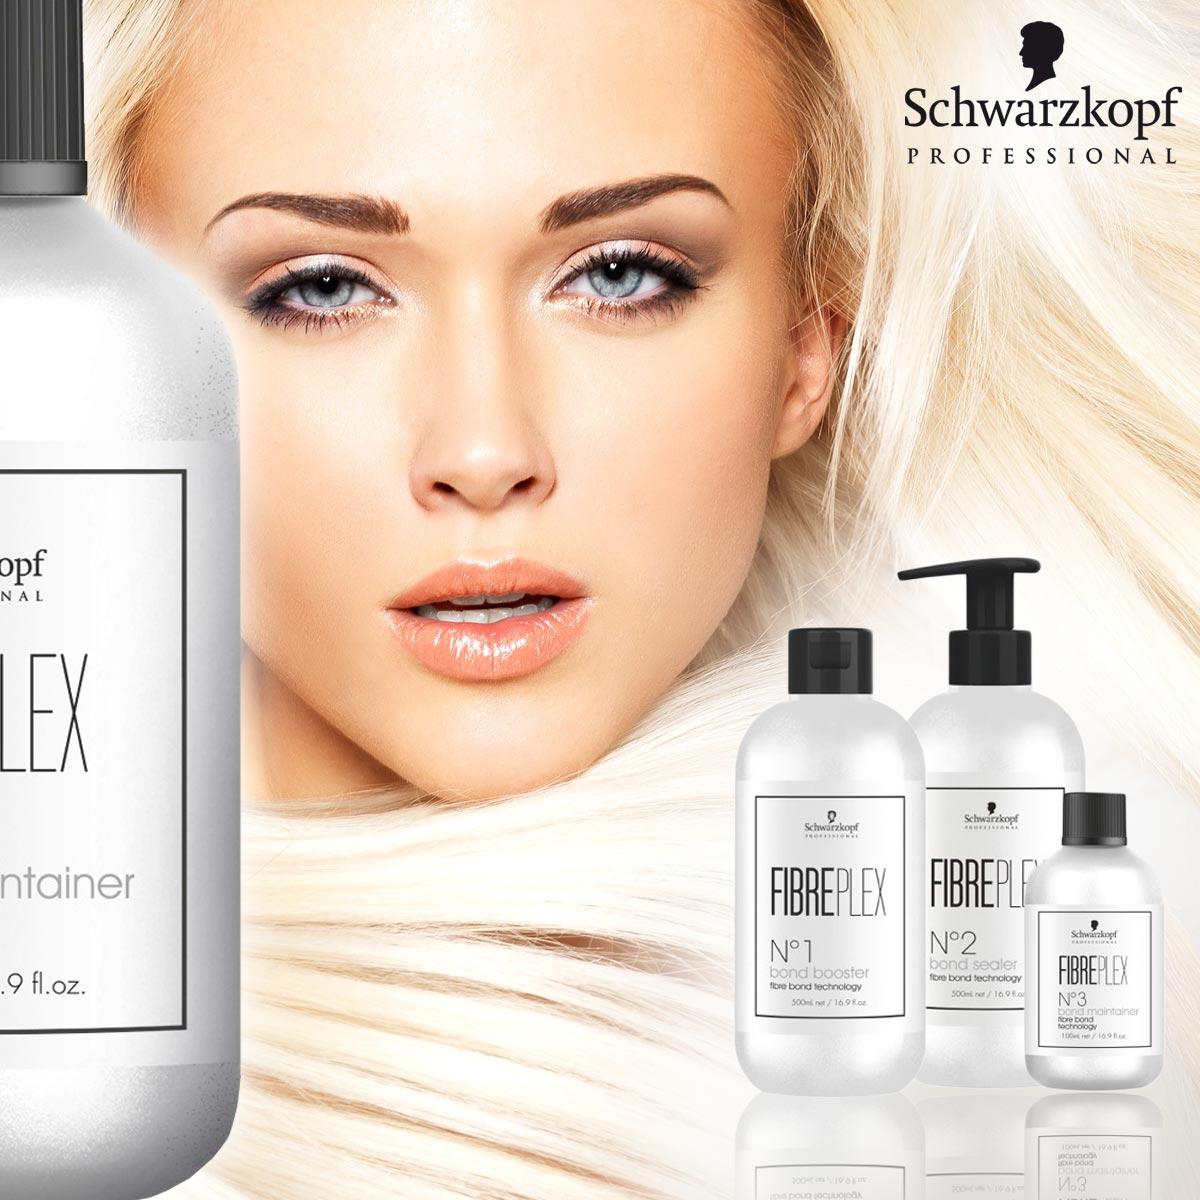 Vďaka FIBREPLEX od Schwarzkopf Professional sú teraz suché, lámavé a poškodené vlasy po farbení minulosťou.